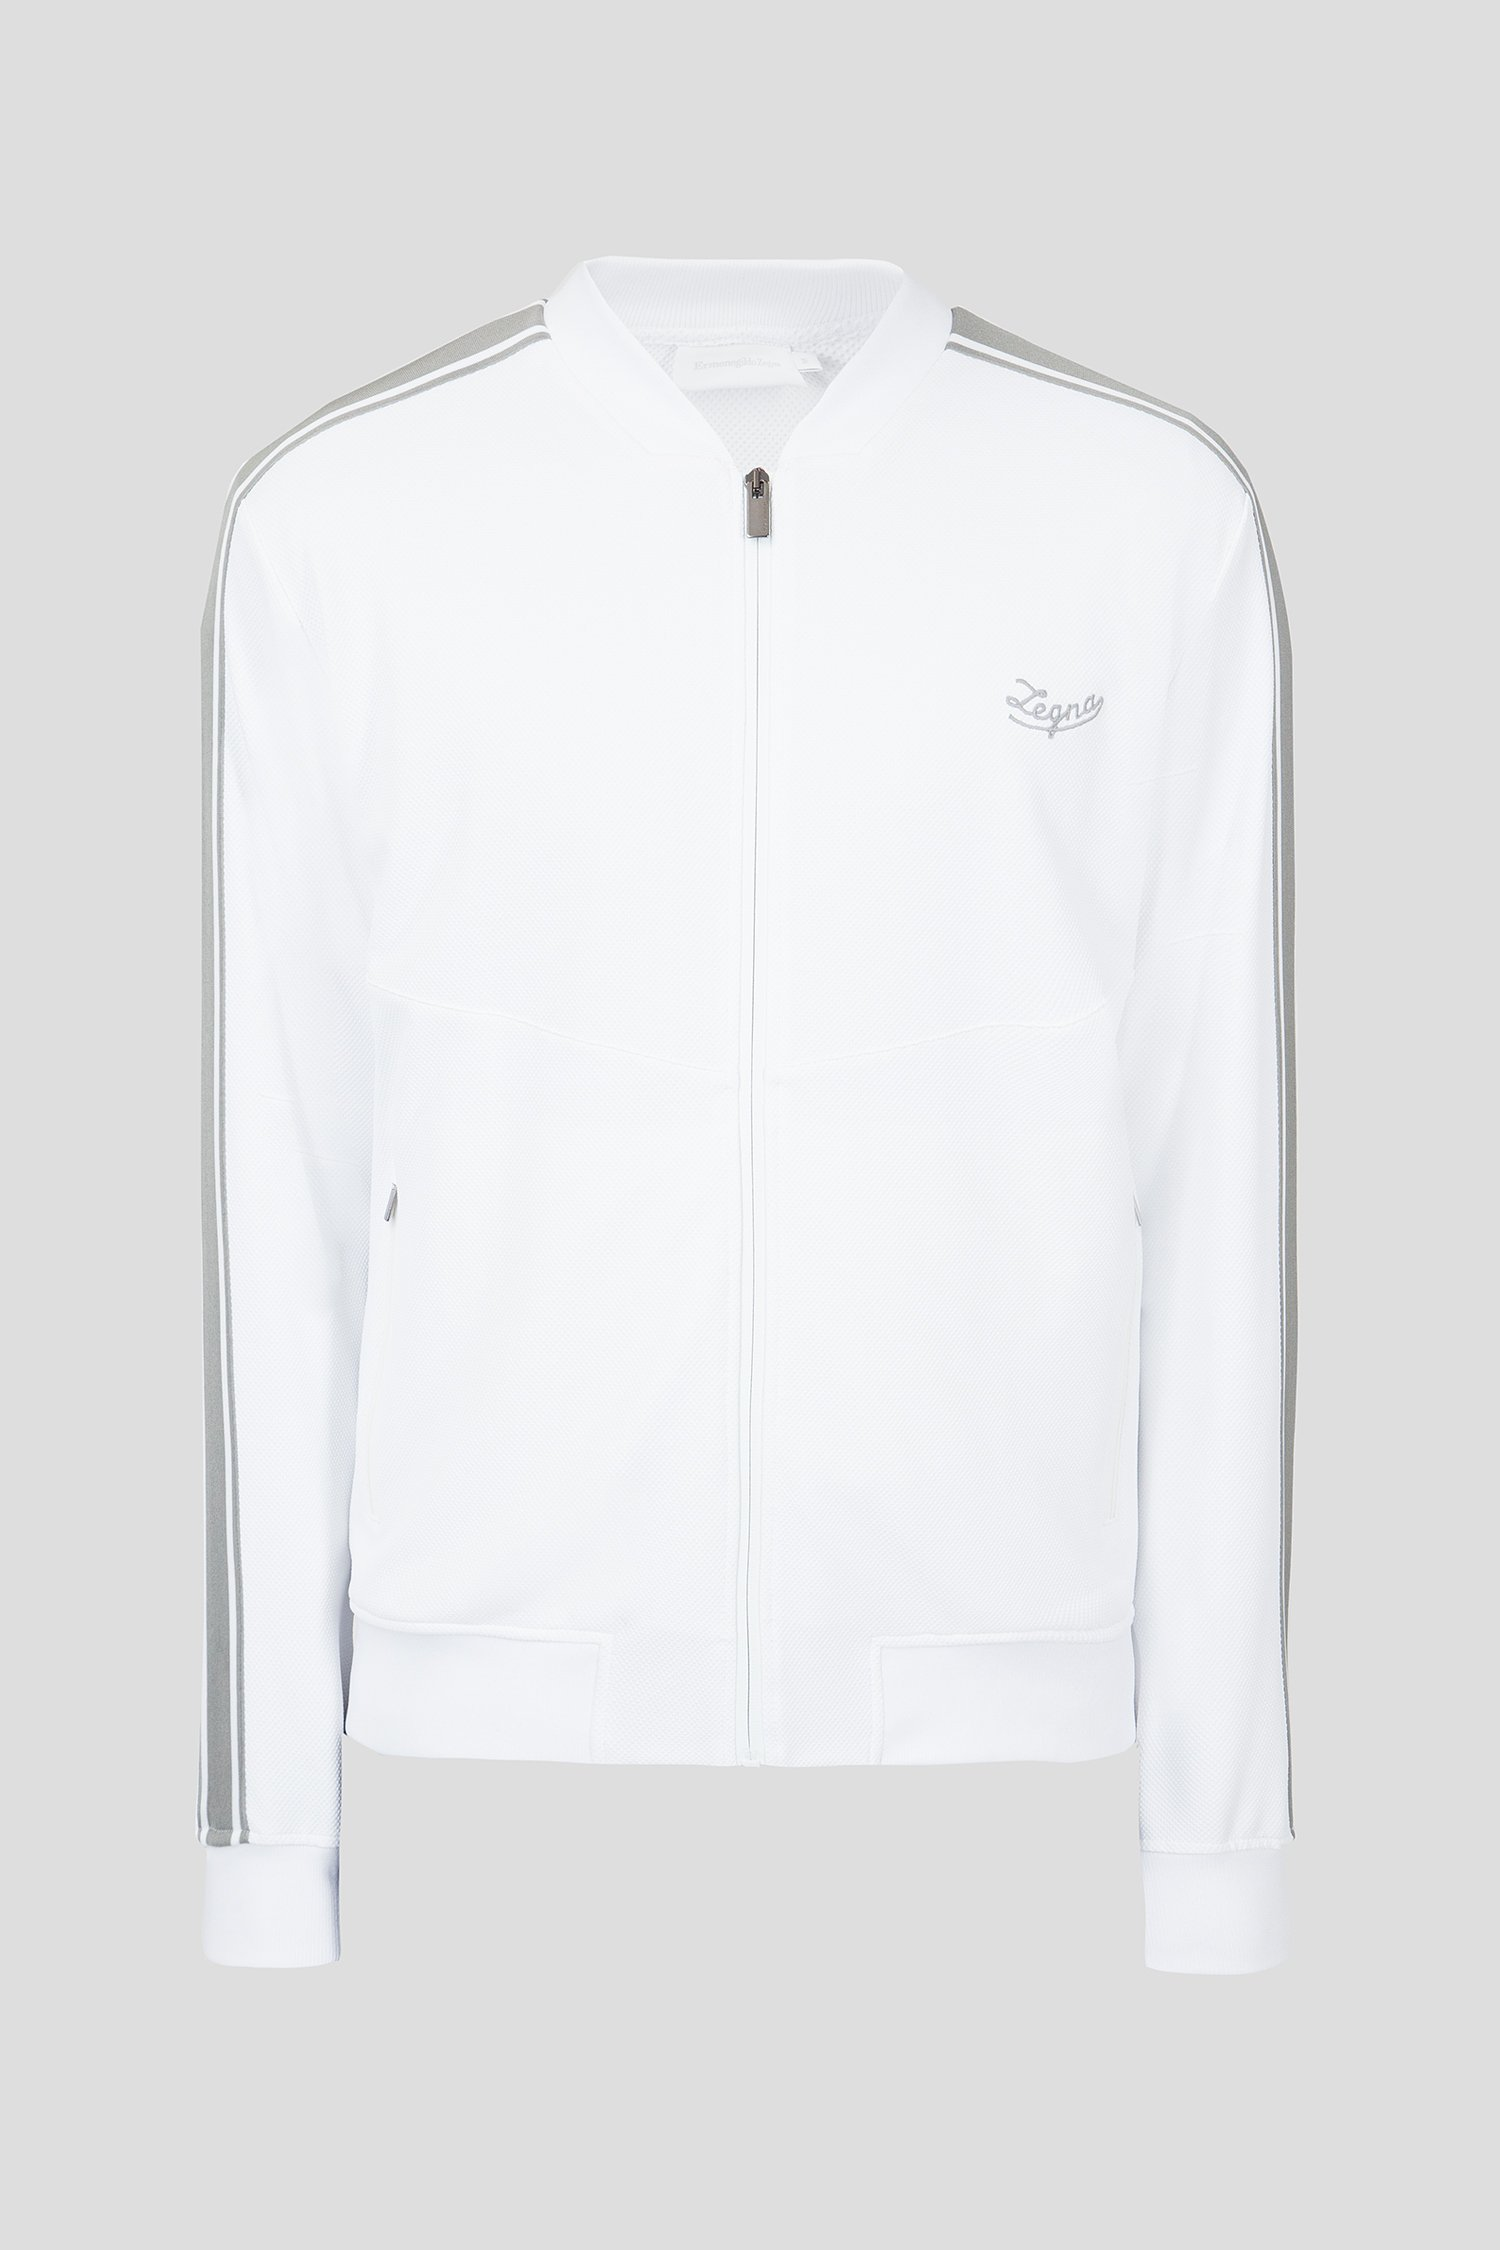 Купить Мужская белая спортивная кофта Ermenegildo Zegna Ermenegildo Zegna N6MG90670-100 – Киев, Украина. Цены в интернет магазине MD Fashion